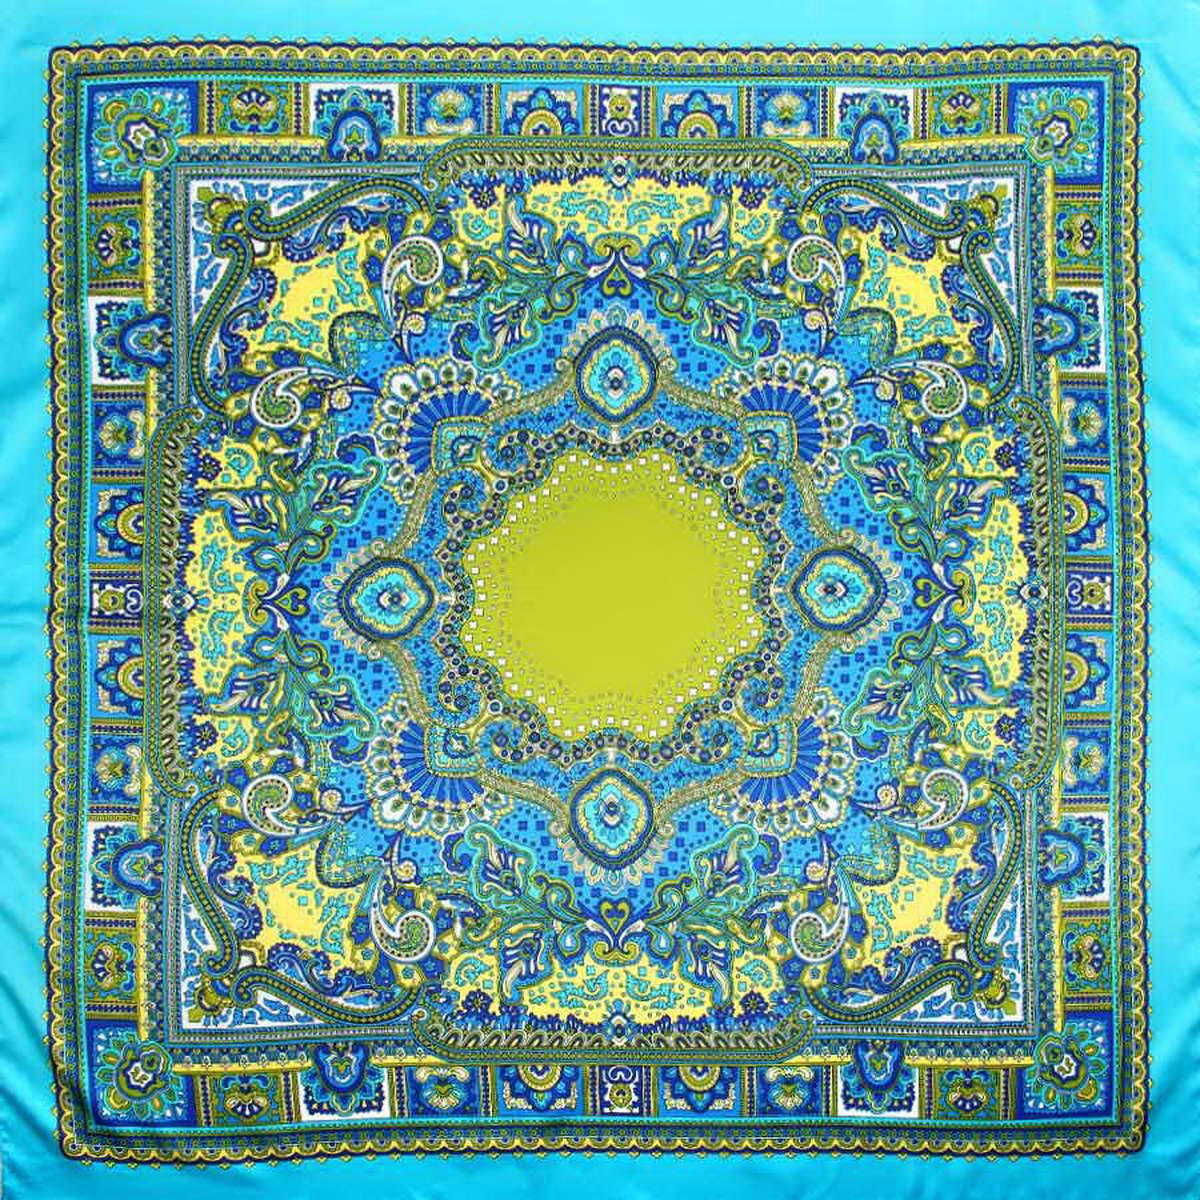 Платок женский Venera, цвет: бирюзовый, синий, зеленый. 3906633-13. Размер 90 см х 90 см3906633-13Стильный женский платок Venera изготовлен из качественного и легкого полиэстера, будет самым универсальным вариантом для повседневного аксессуара.Насыщенная цветовая палитра и замечательный принт восточного стиля, добавят вашему образу загадочности и экзотического шарма.Классическая квадратная форма позволяет носить платок на шее, украшать им прическу или декорировать сумочку.Такой платок превосходно дополнит любой наряд и подчеркнет ваш неповторимый вкус и элегантность.